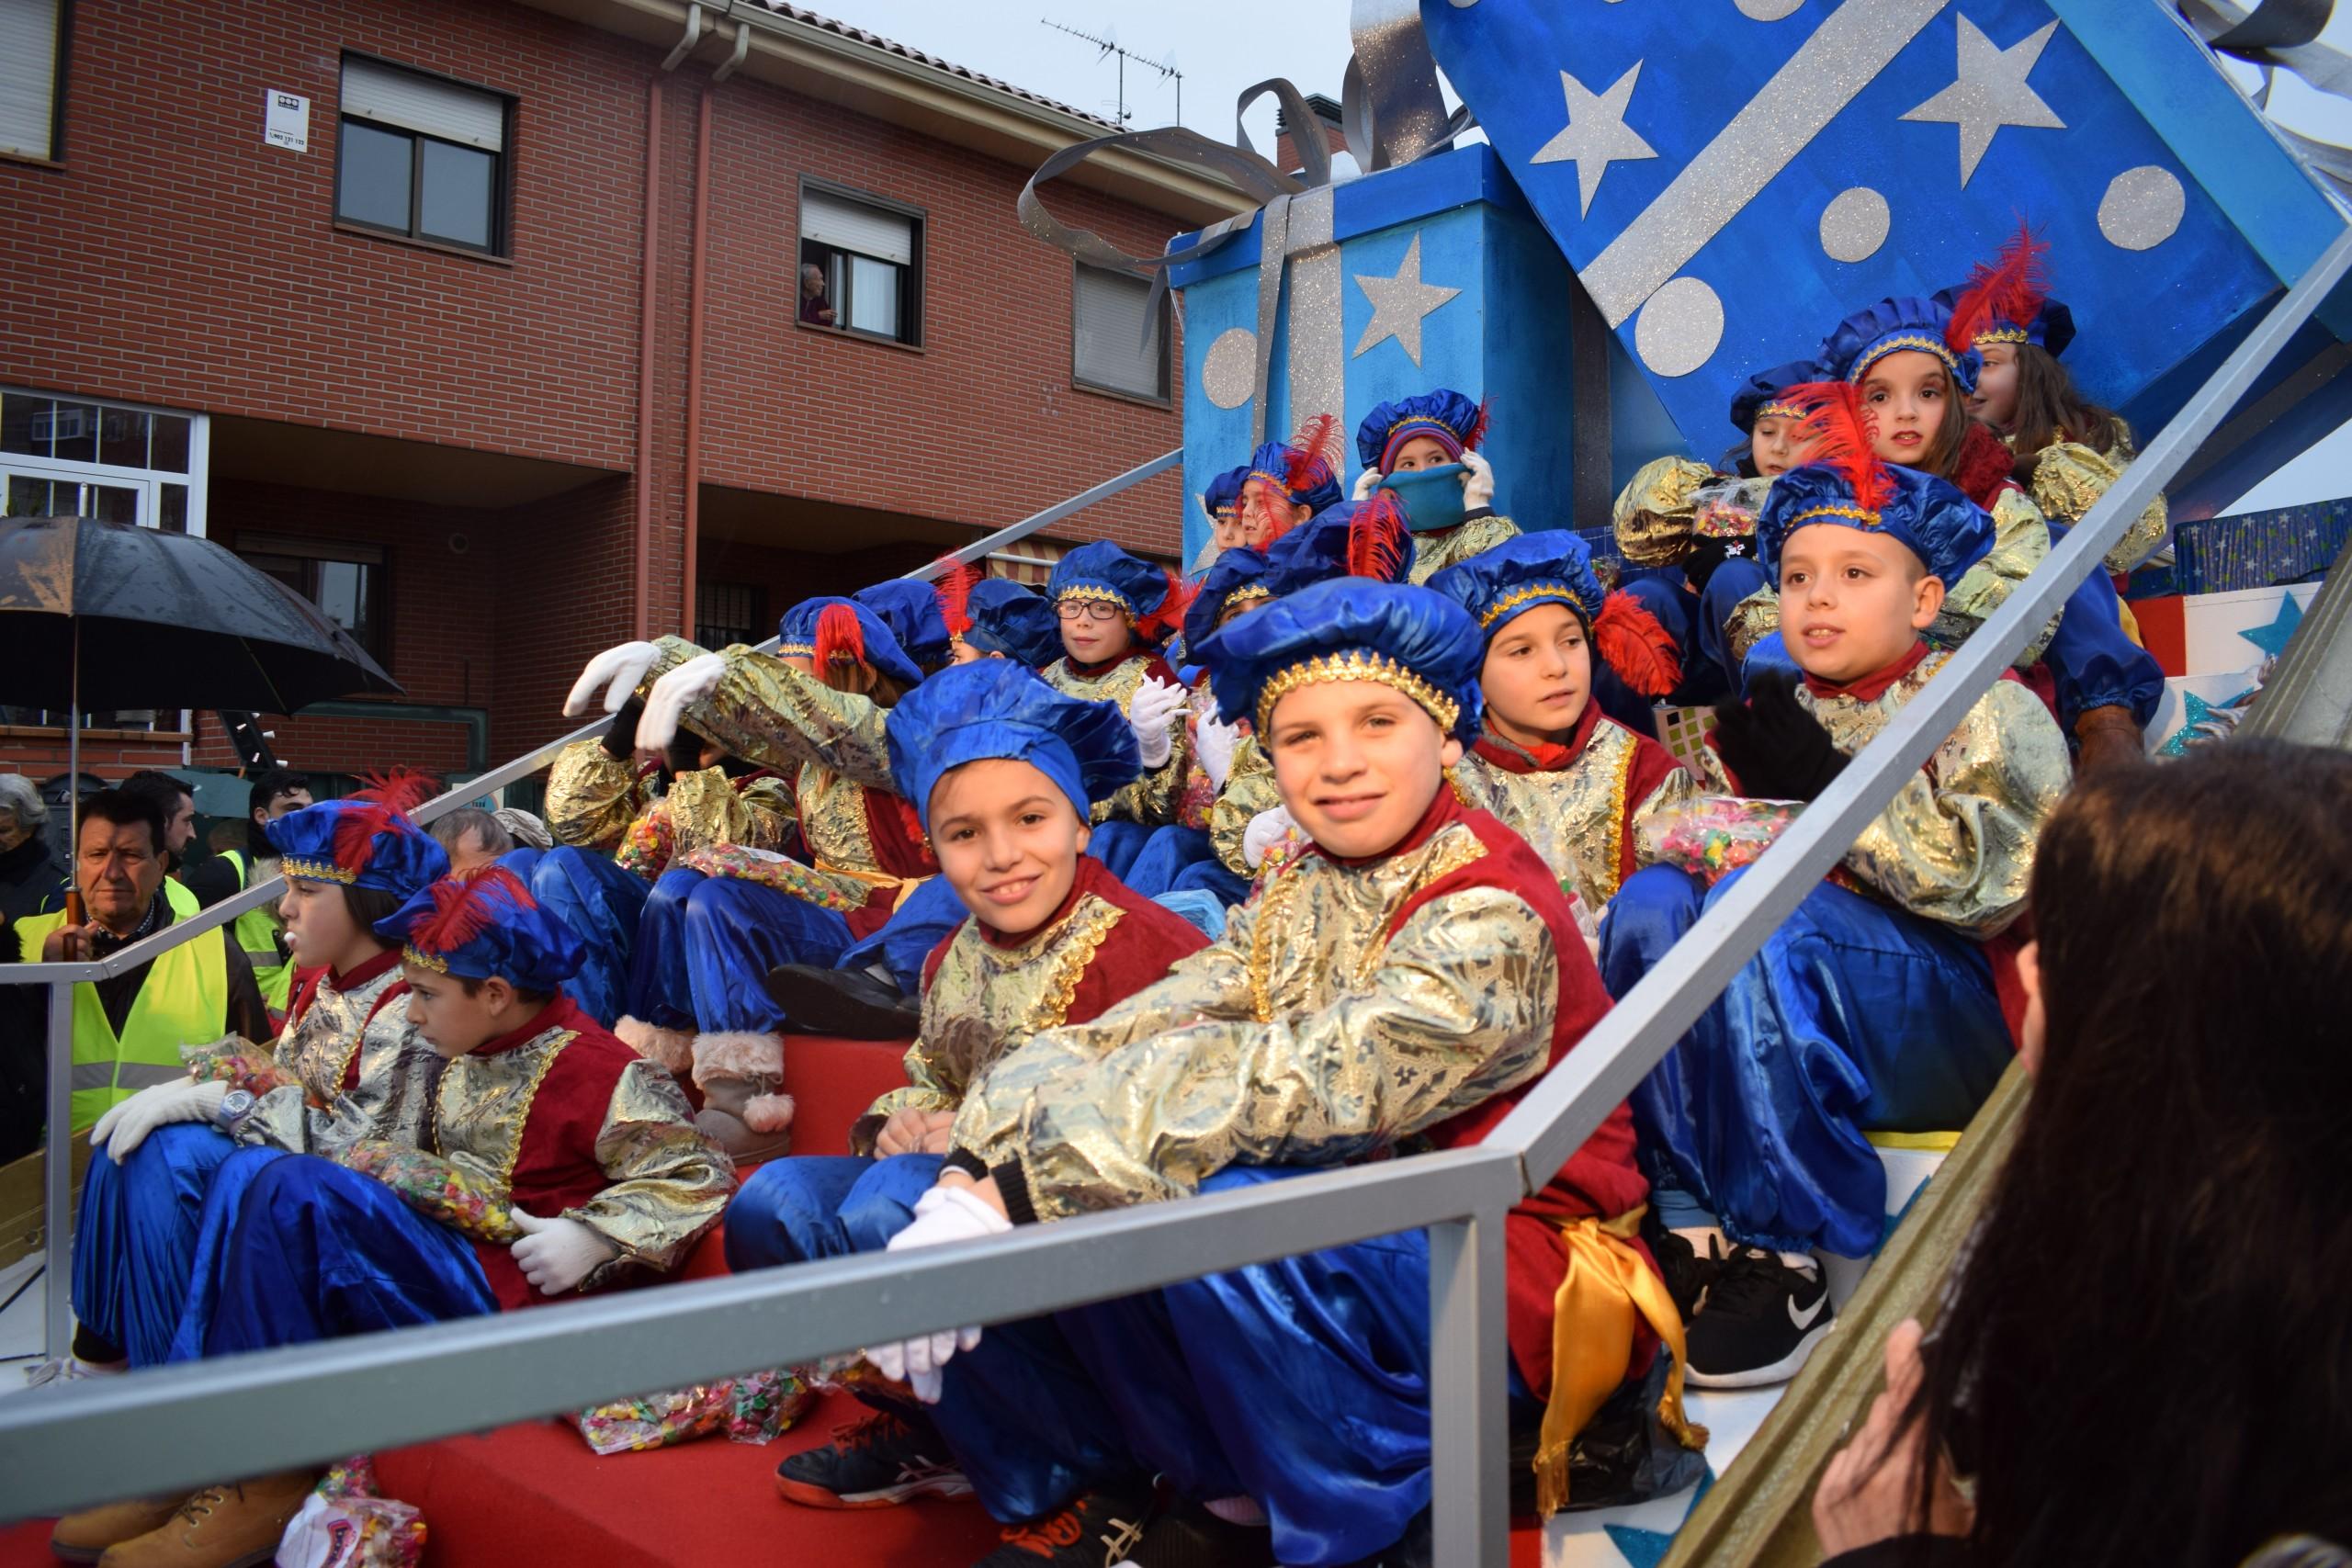 La concejalía de Festejos te anima a participar en la Carroza Real del 5 de enero en Humanes de Madrid.